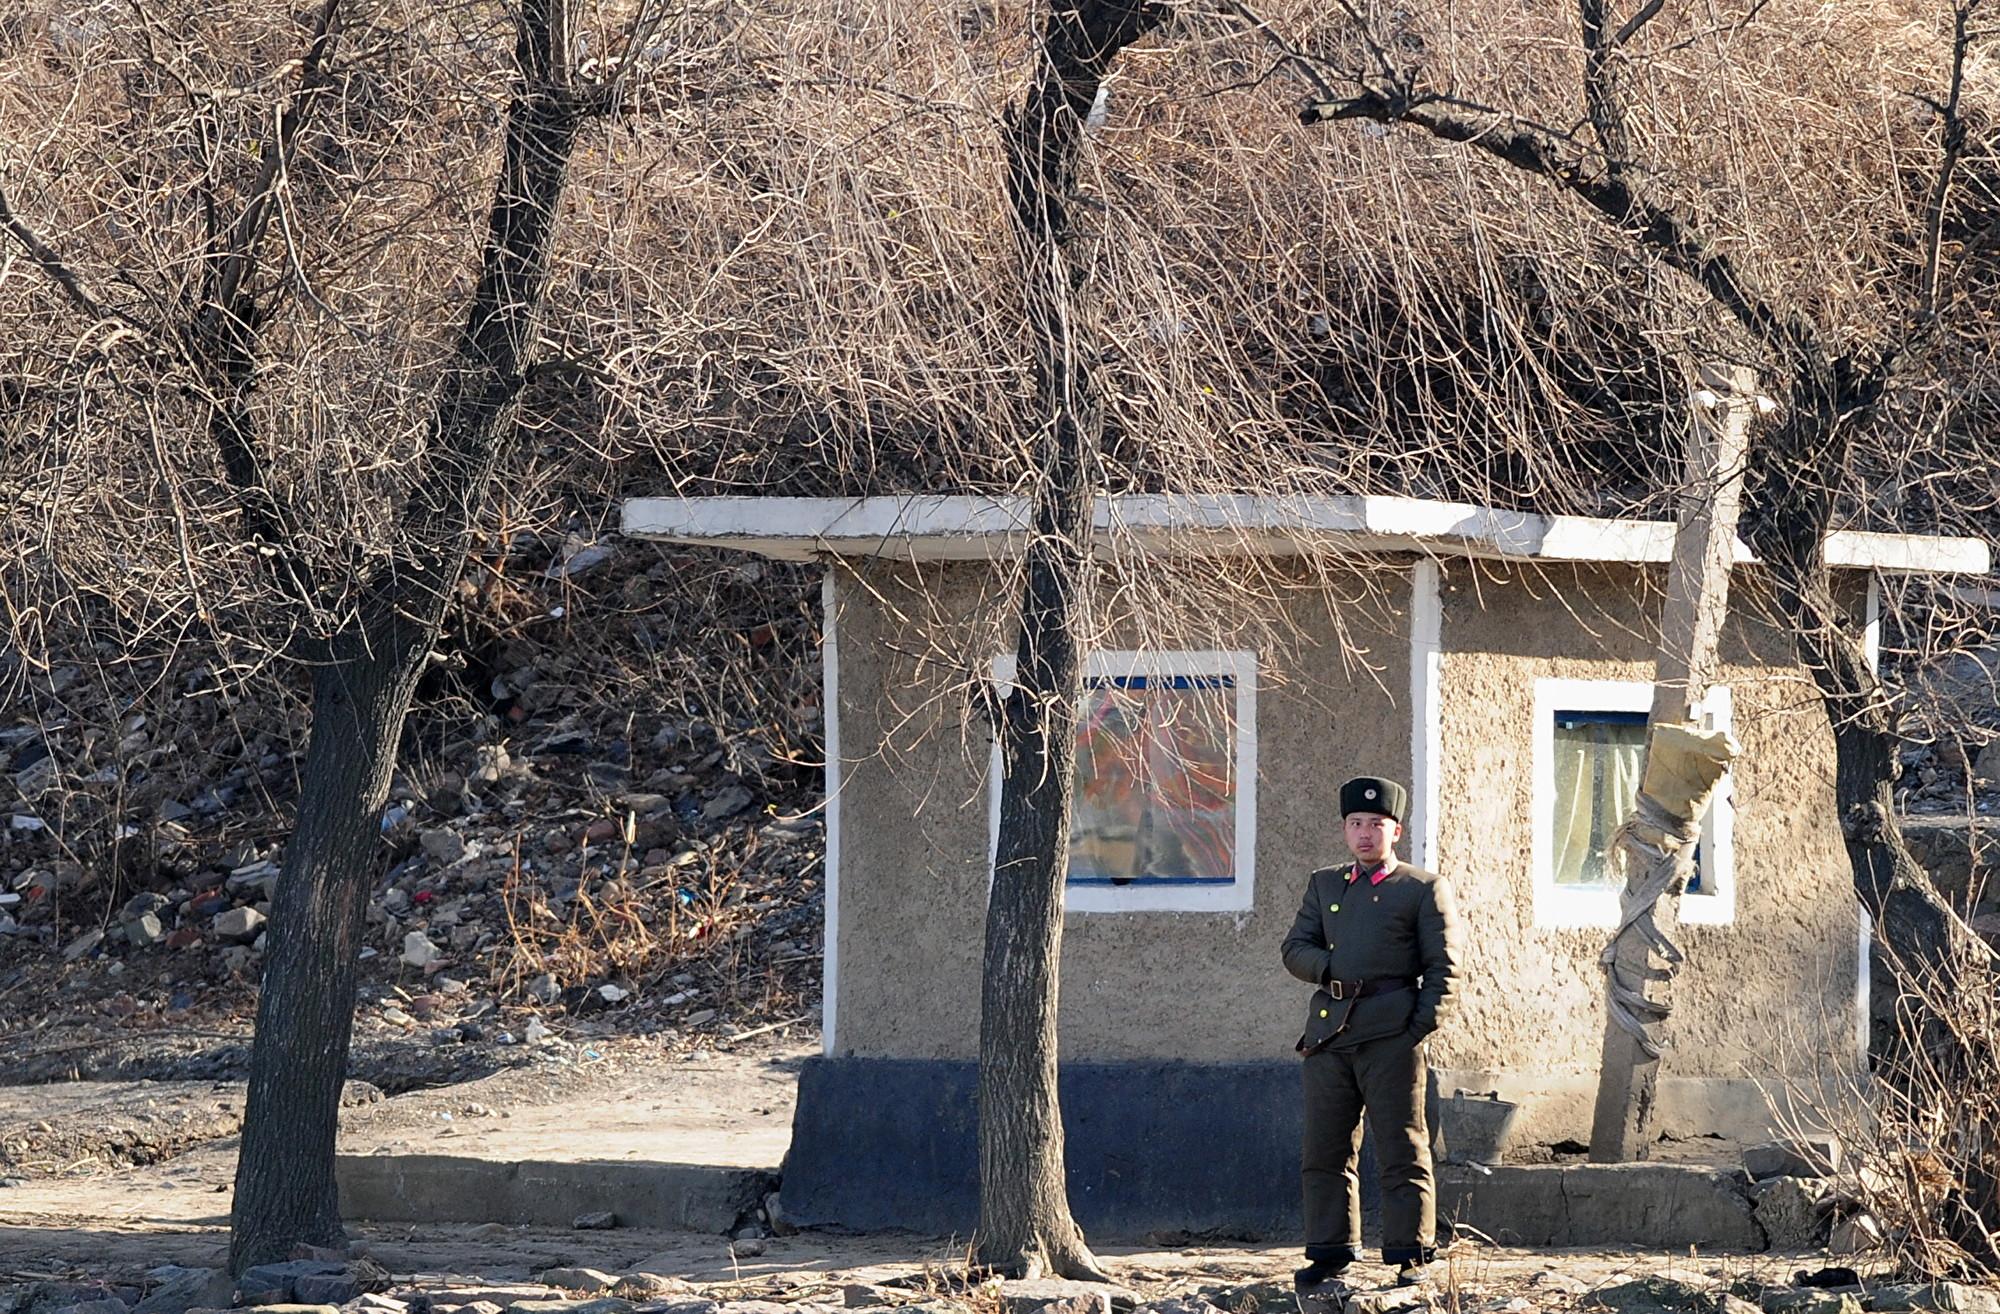 韓媒:北韓士兵缺糧 越境闖中國民宅行竊